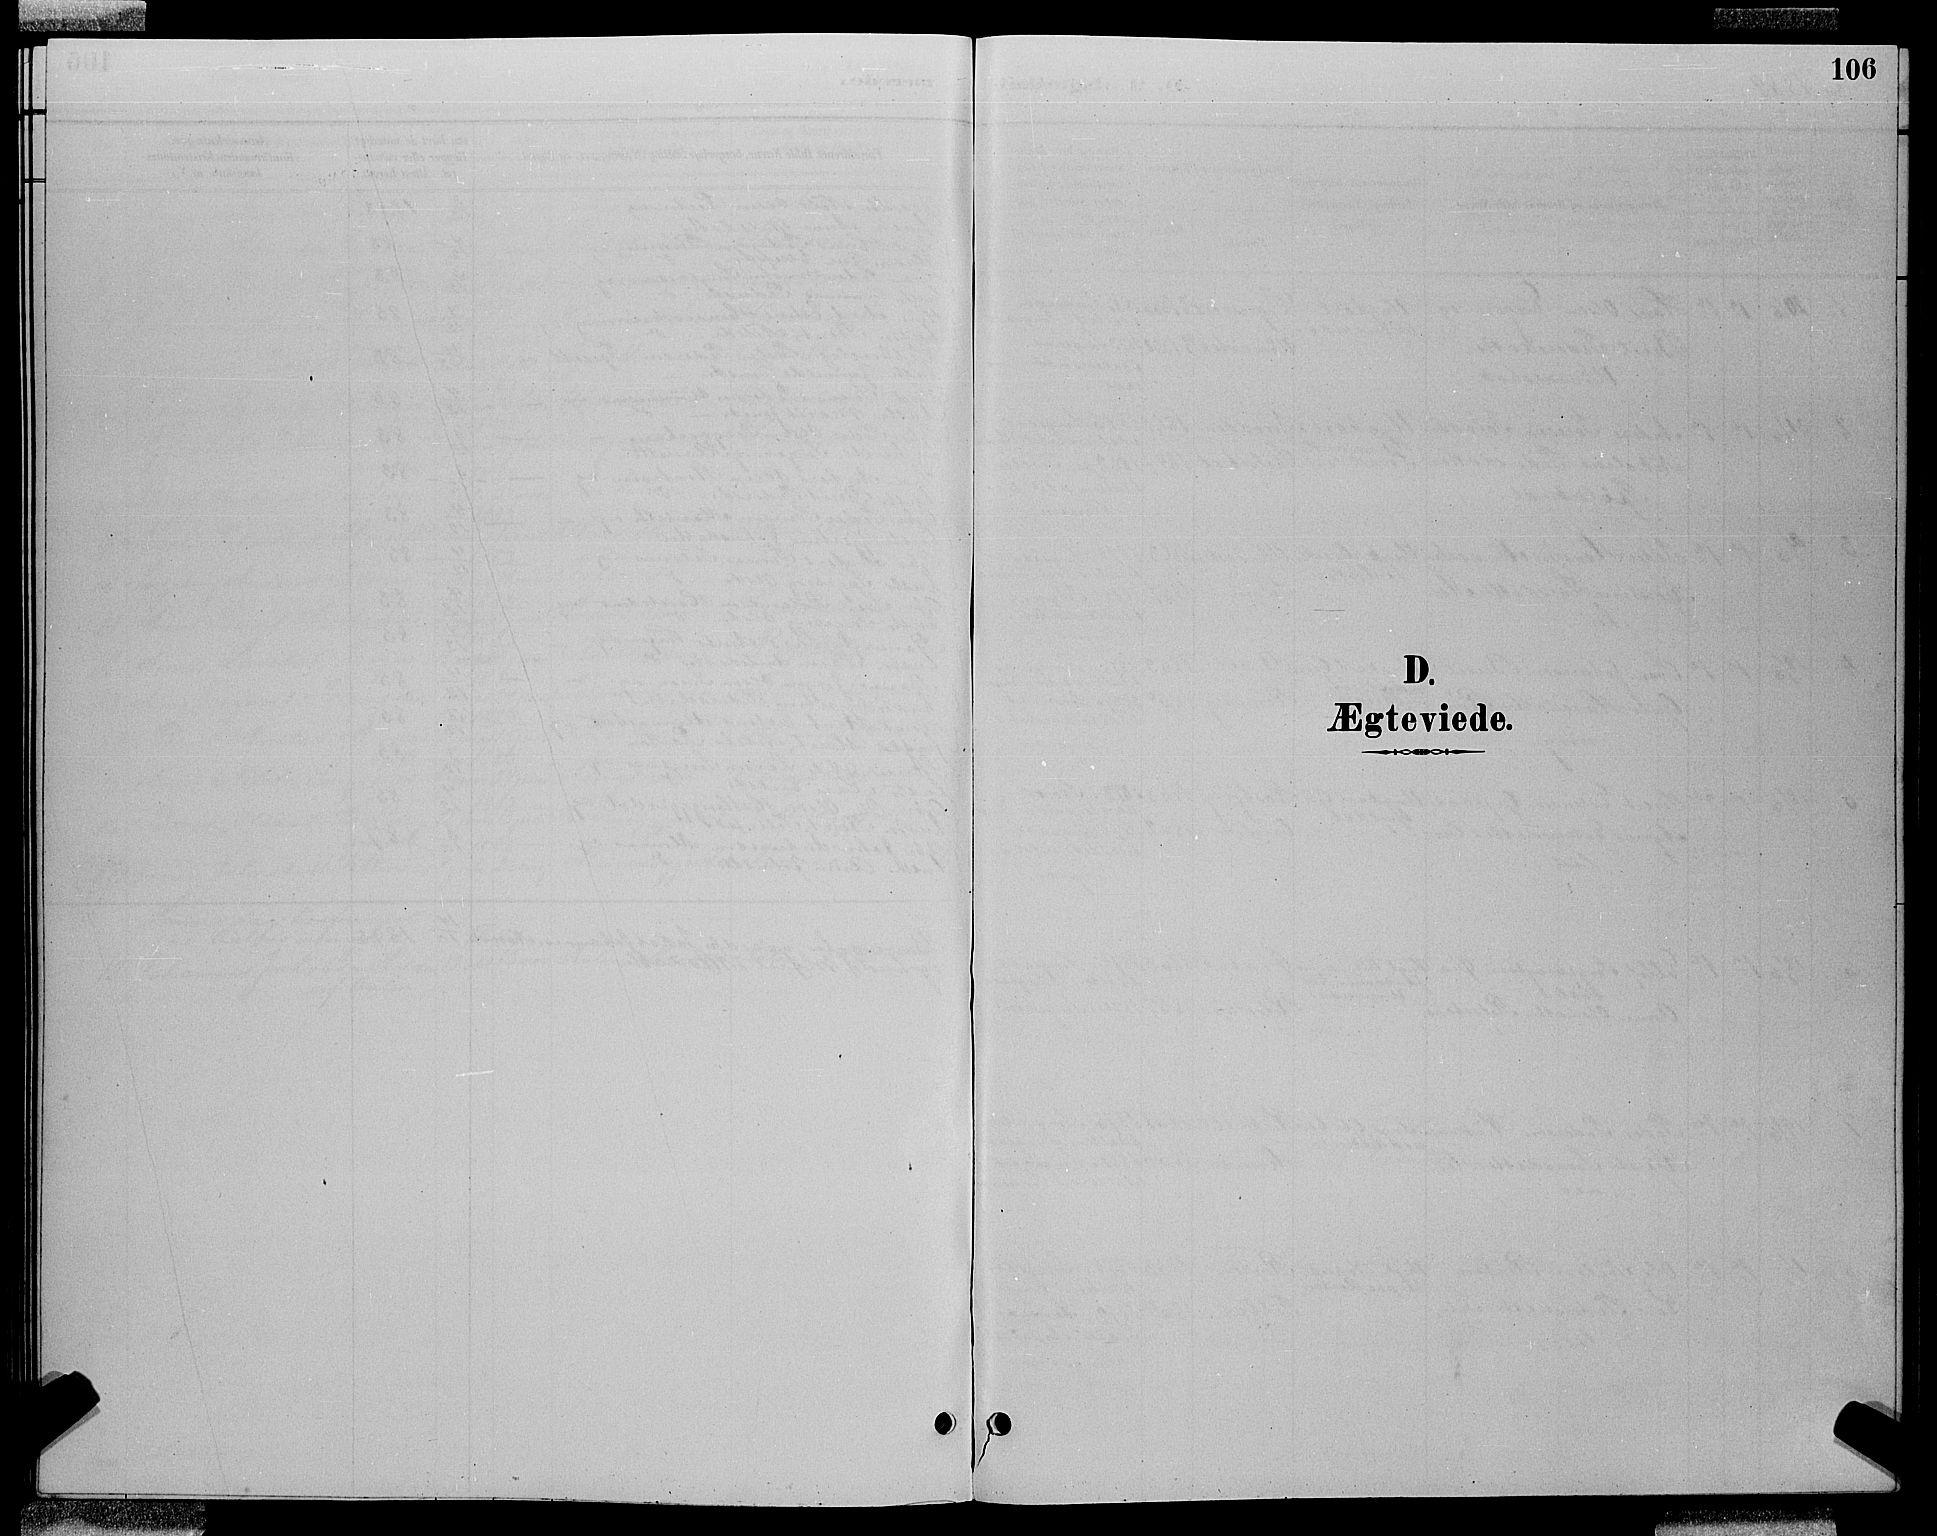 SAT, Ministerialprotokoller, klokkerbøker og fødselsregistre - Sør-Trøndelag, 688/L1028: Klokkerbok nr. 688C03, 1889-1899, s. 106